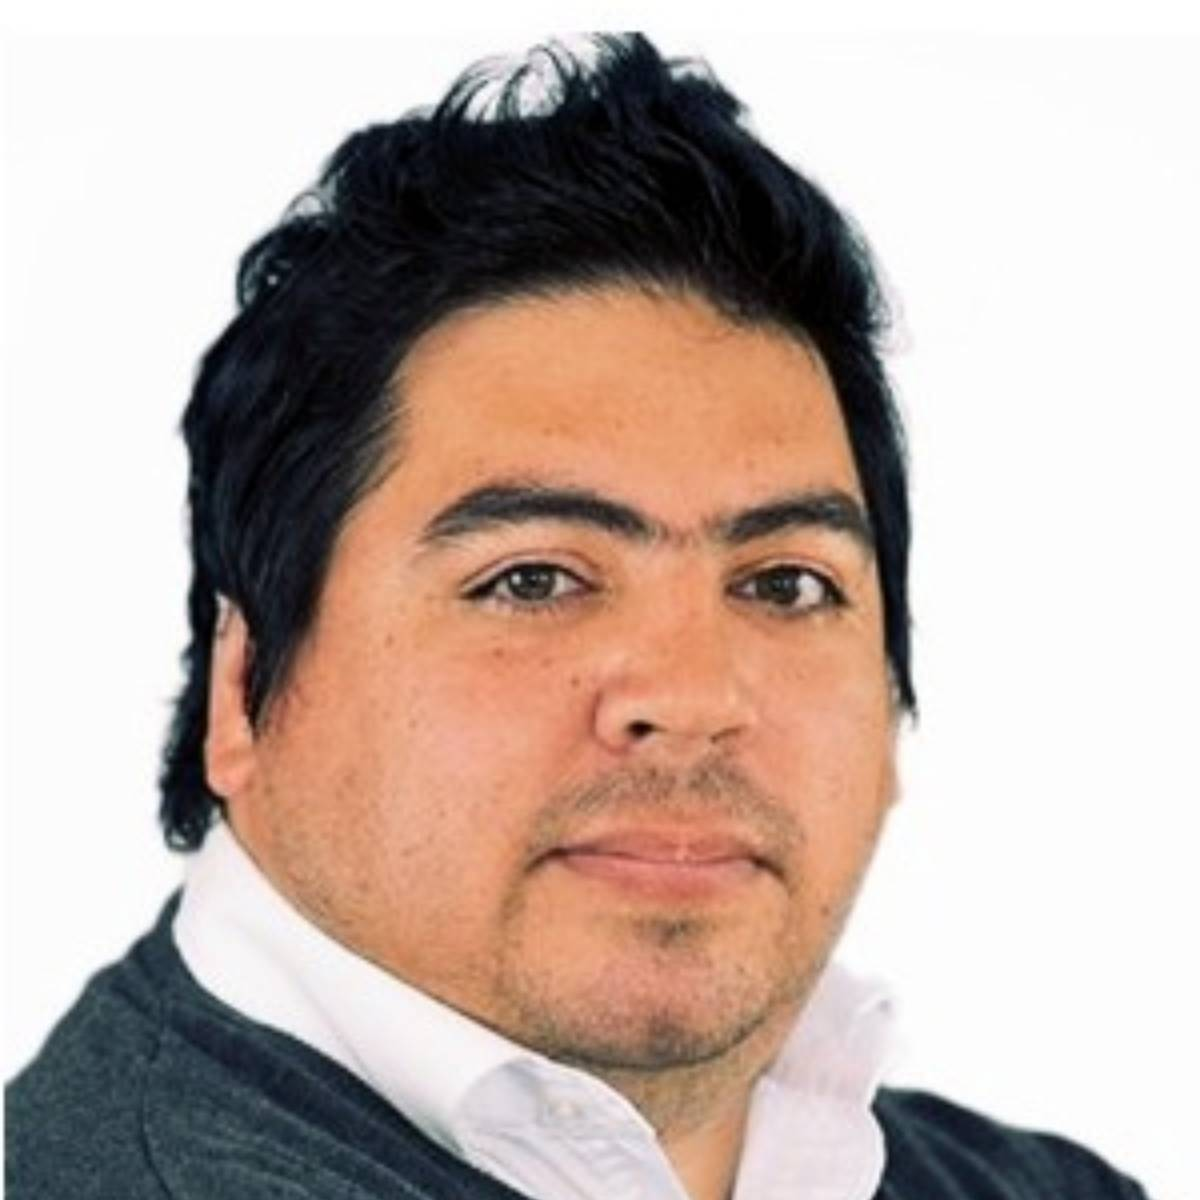 Alejandro Galvis